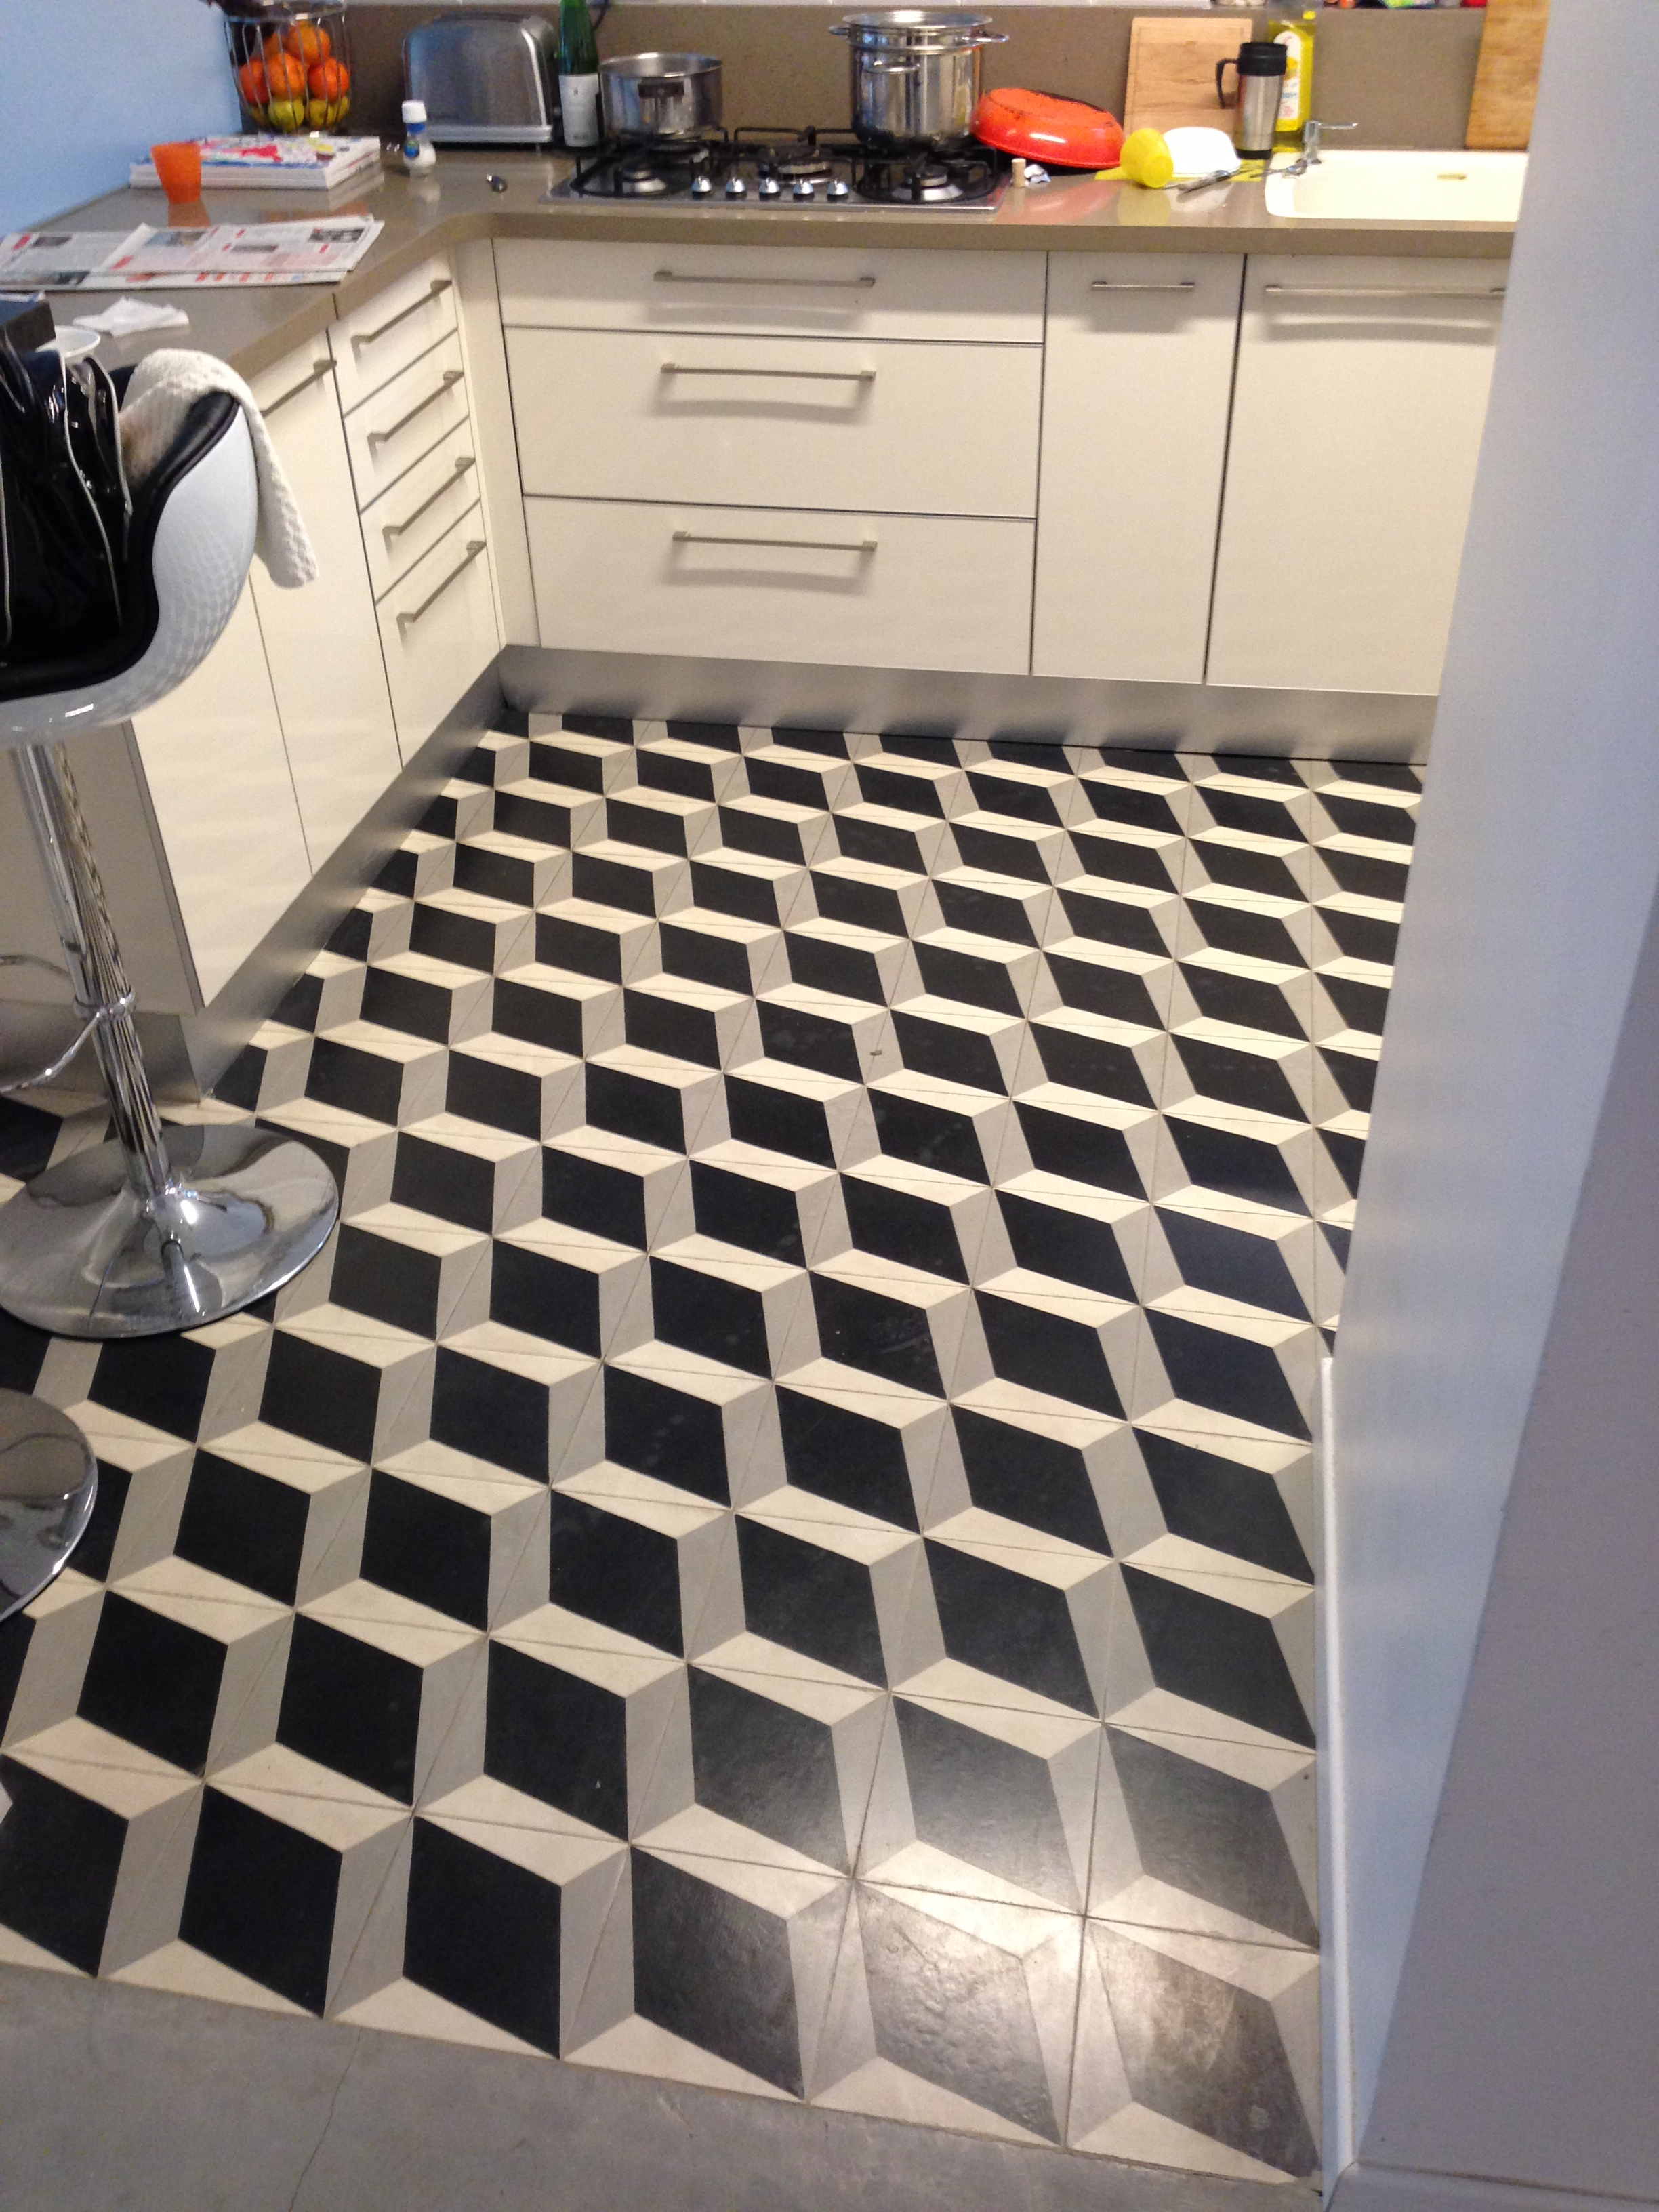 אריחי בטון מצוירים במטבח. דגם קוביות